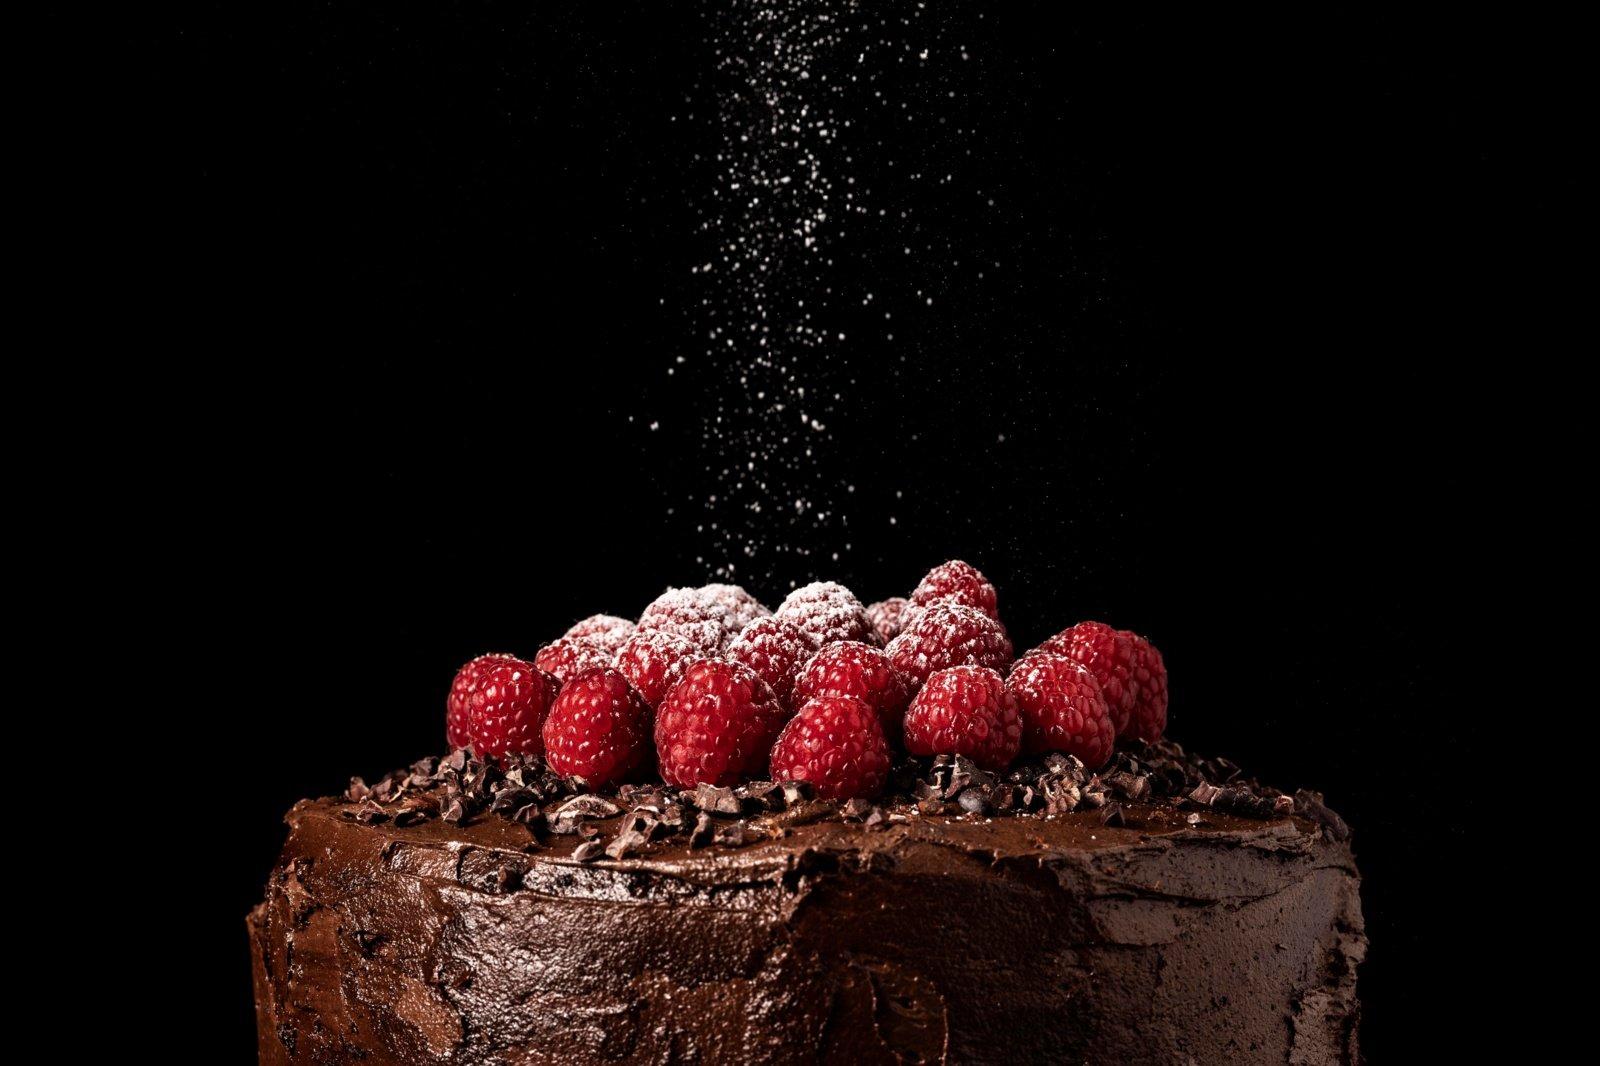 Šokoladinis tortas vos iš 4 ingredientų: užtruksite tik 10 minučių